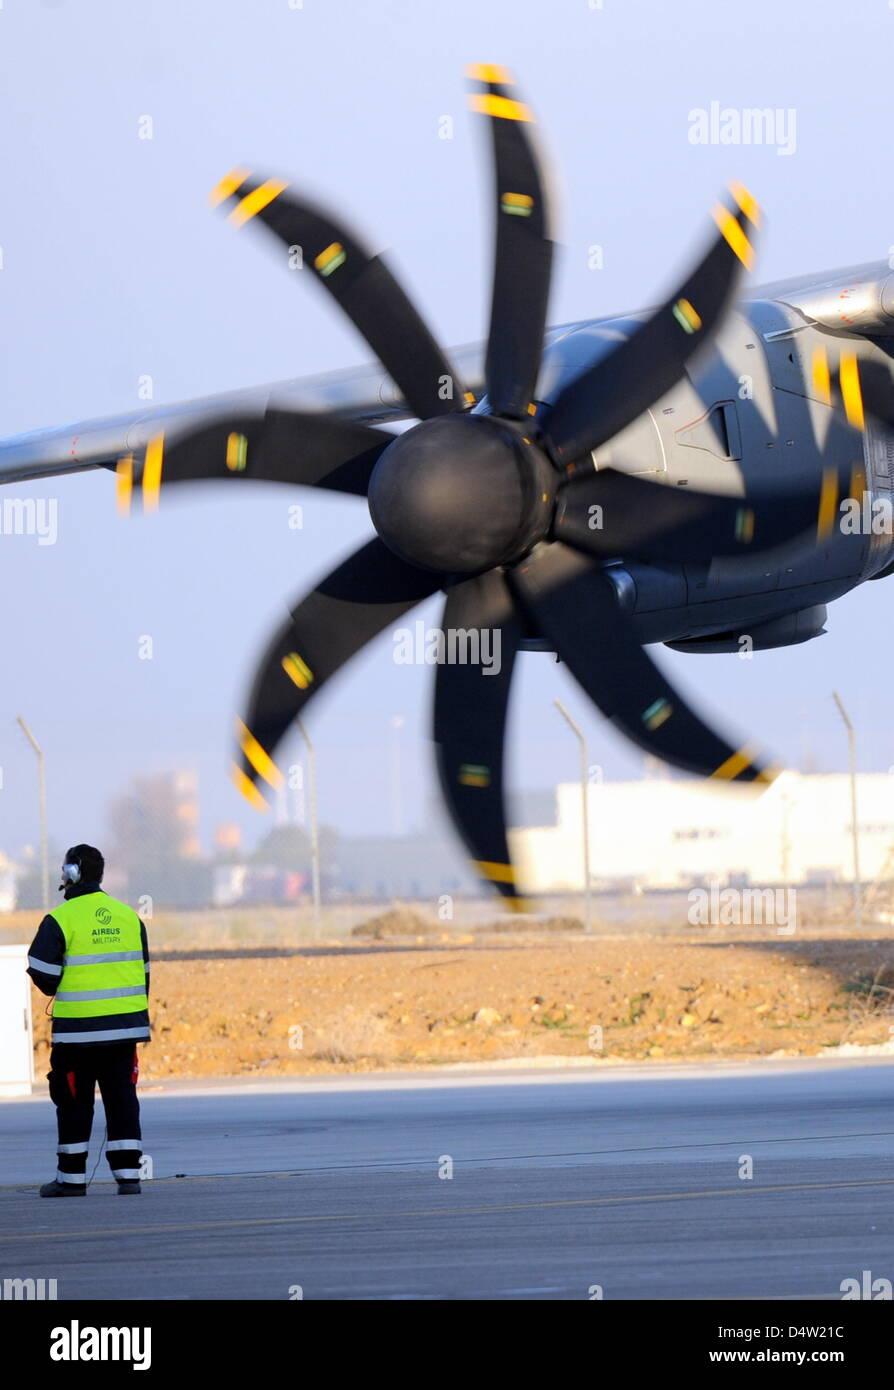 El militar Airbus A400M está preparado para su primer vuelo en Sevilla, España, el 11 de diciembre de 2009. Los cuatro motores el avión despegó delante de 2500 invitados en el trimestre pasado las 10 de la mañana en la hermosa Sunshine. El vuelo inaugural inicialmente se había previsto para principios de 2008. Foto: MAURIZIO GAMBARINI Foto de stock